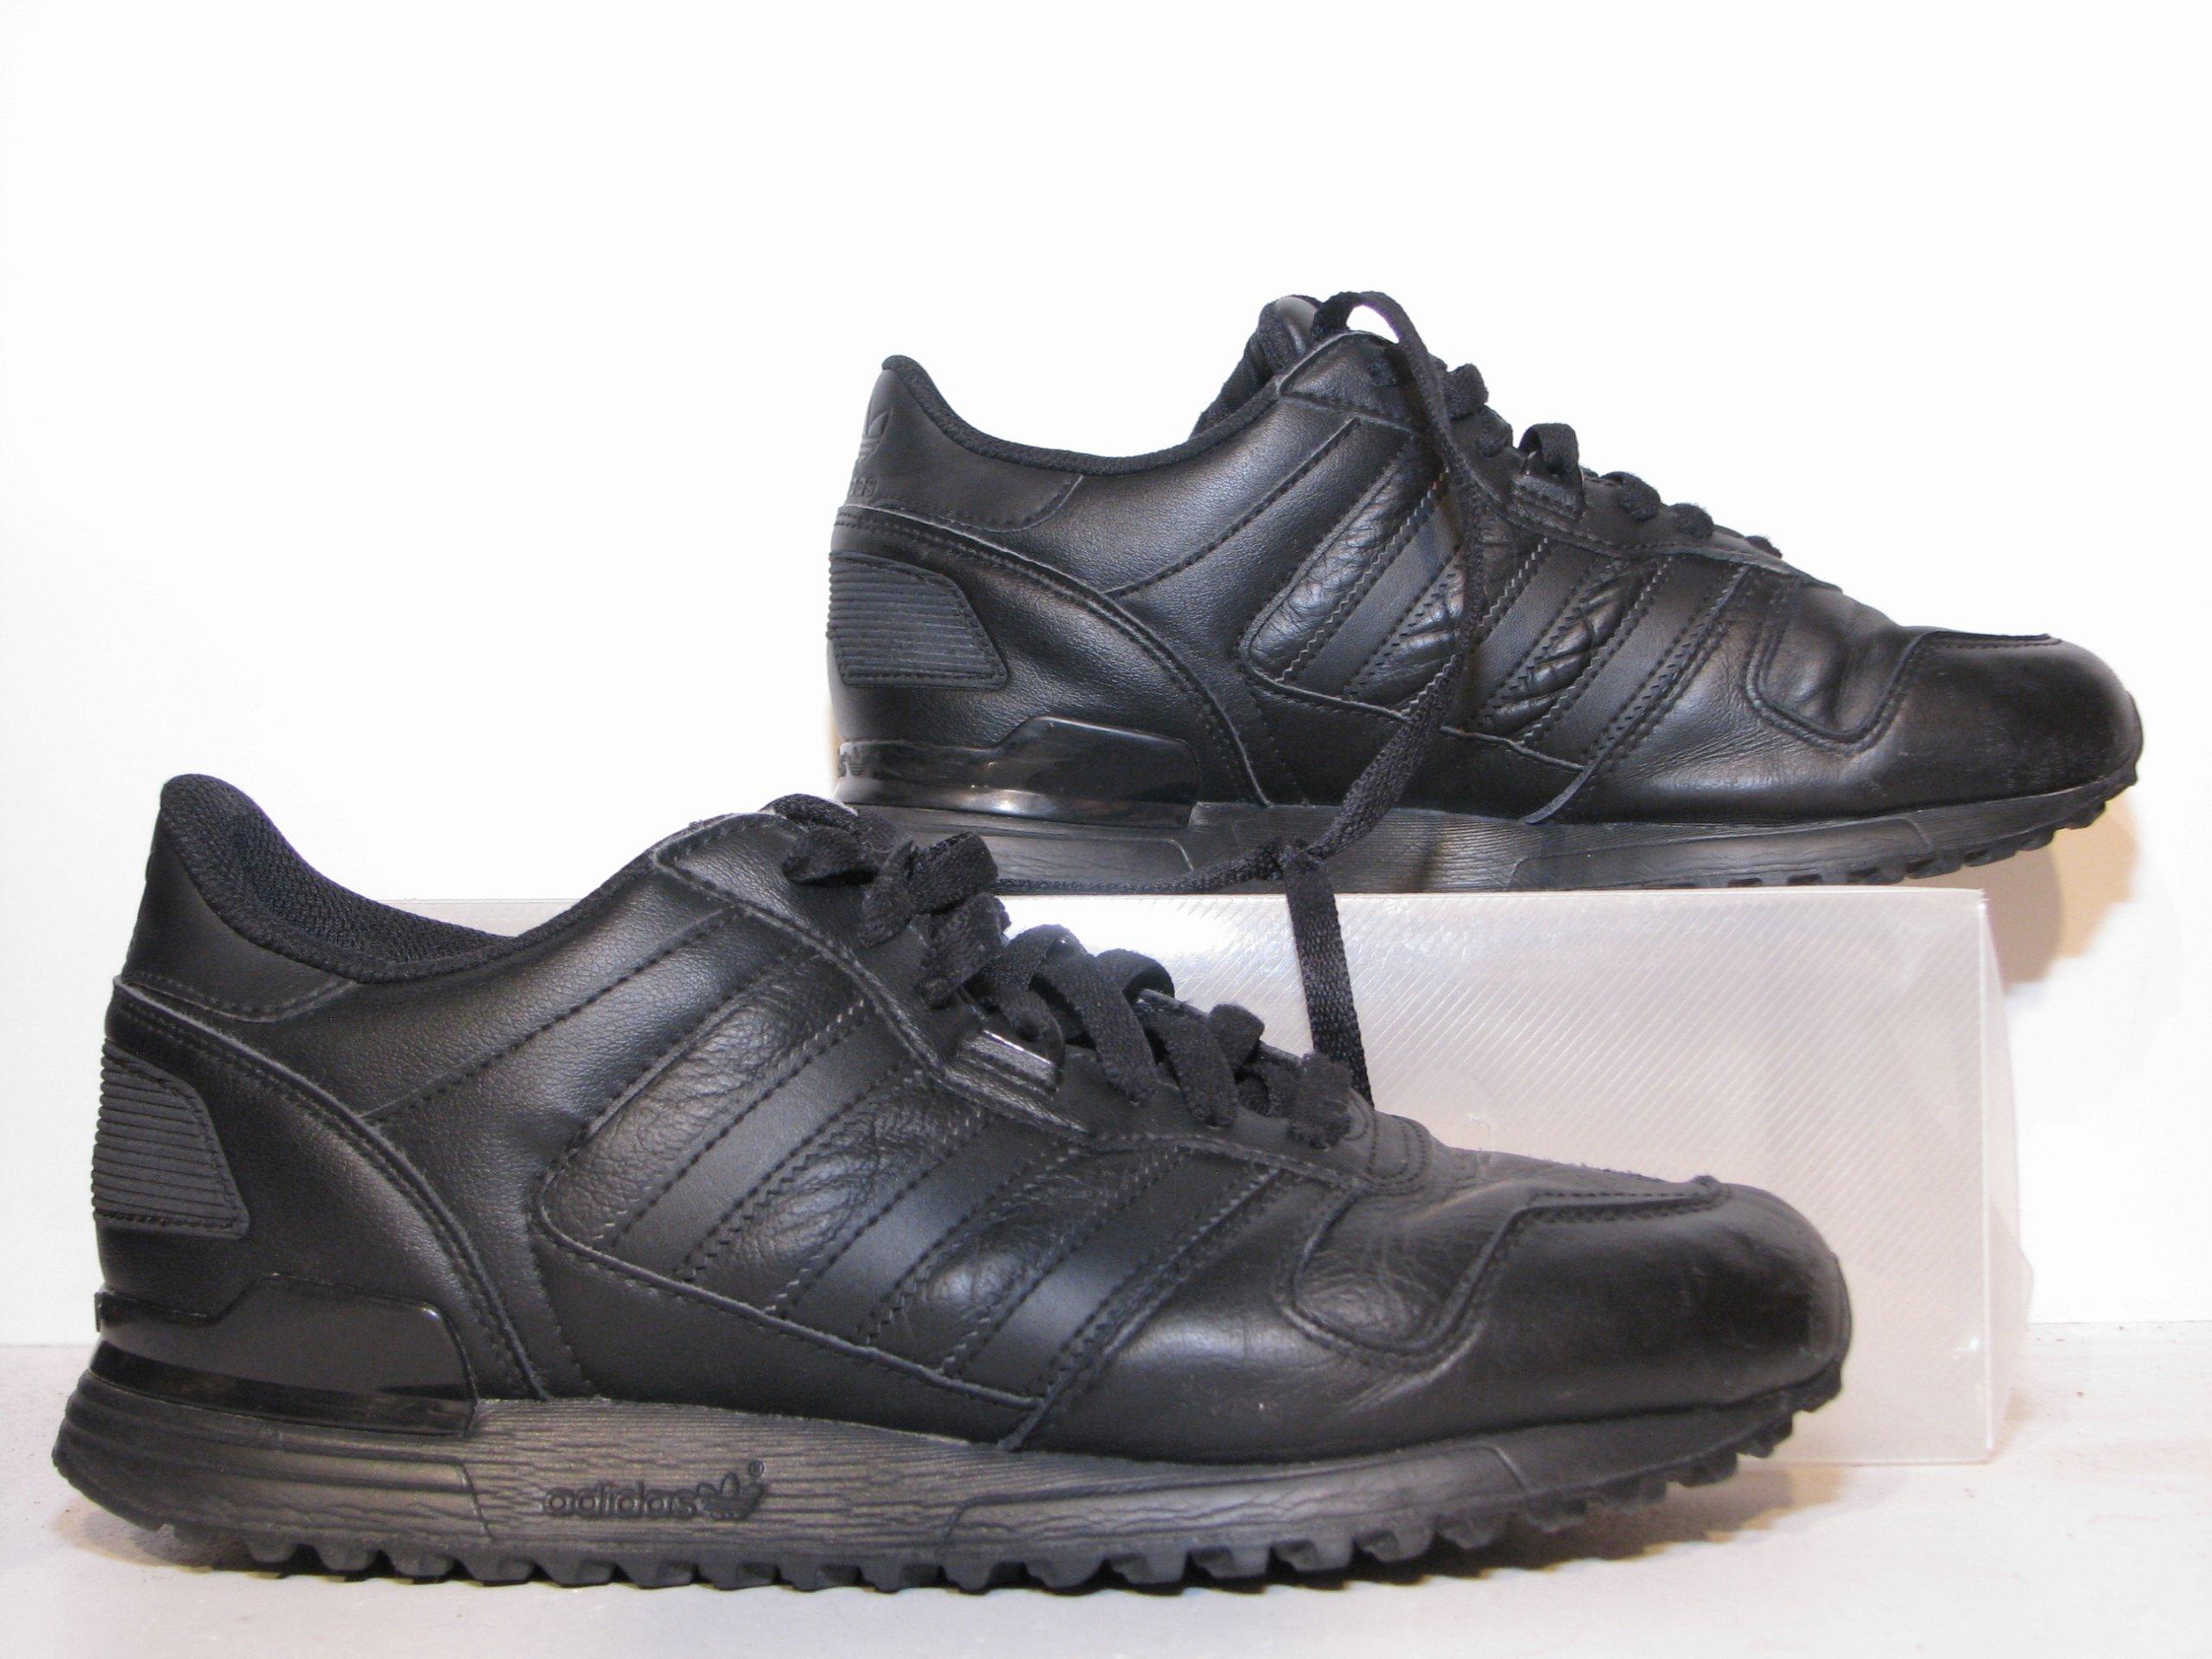 adidas originals zx 700 s80528